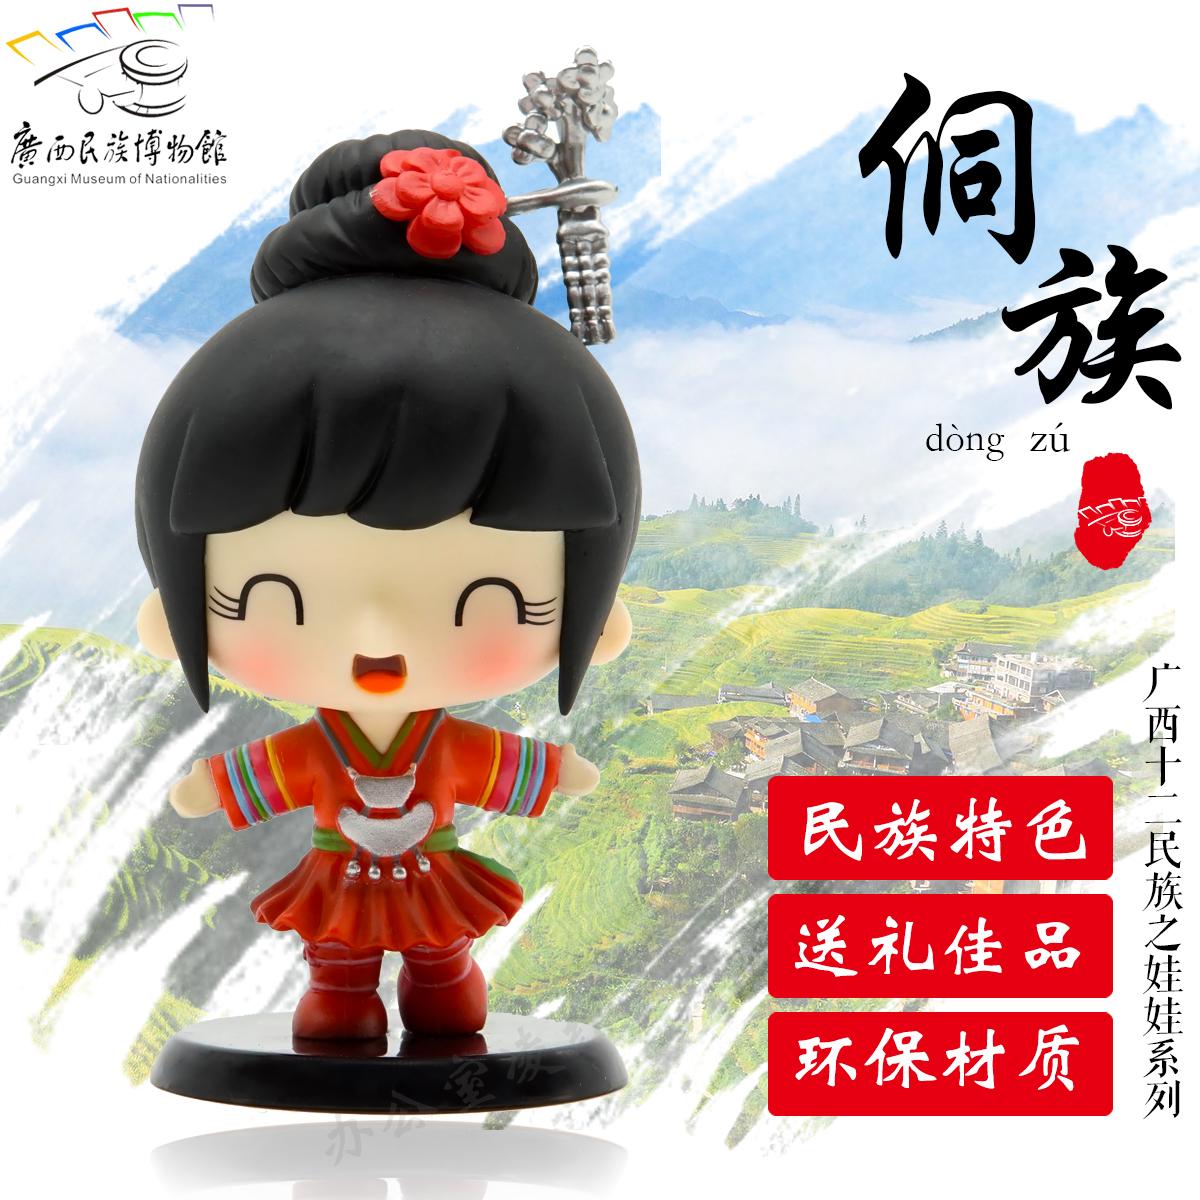 Yi мультфильм кукла Гуанси милые куклы иностранных друзей путешествия сувениры подарки на день рождения